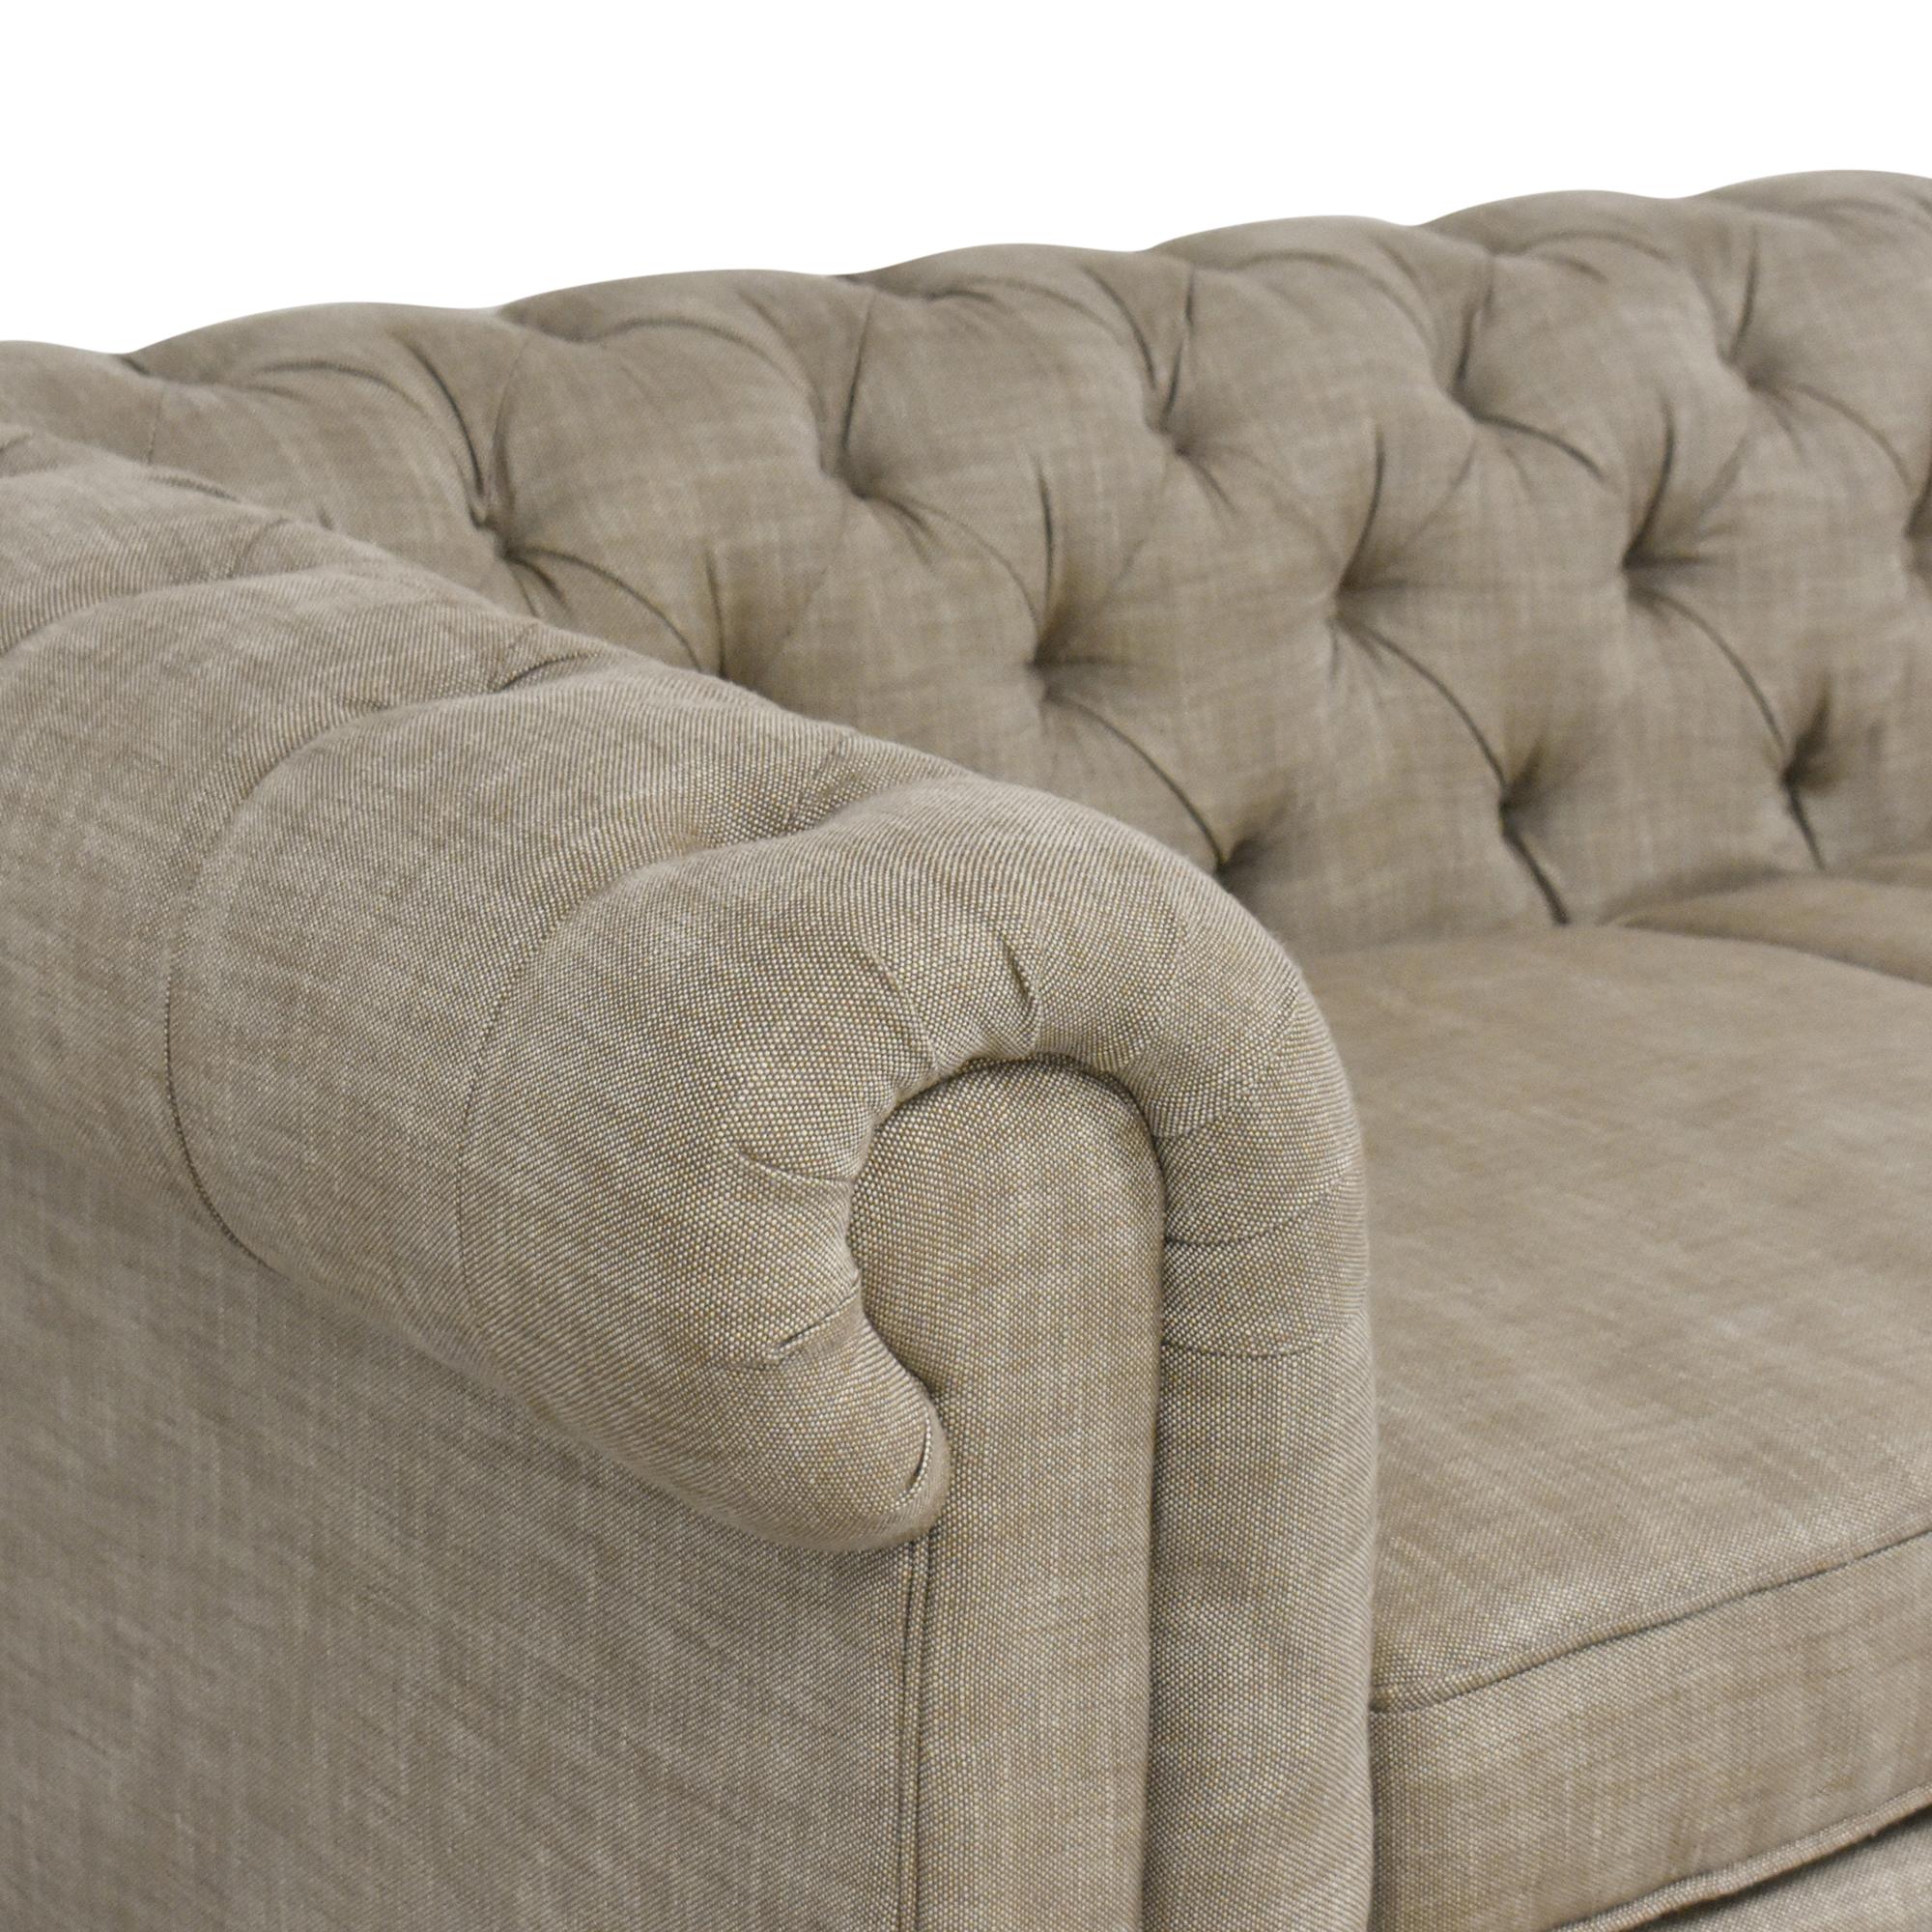 shop Restoration Hardware Tufted Kensington Sofa Restoration Hardware